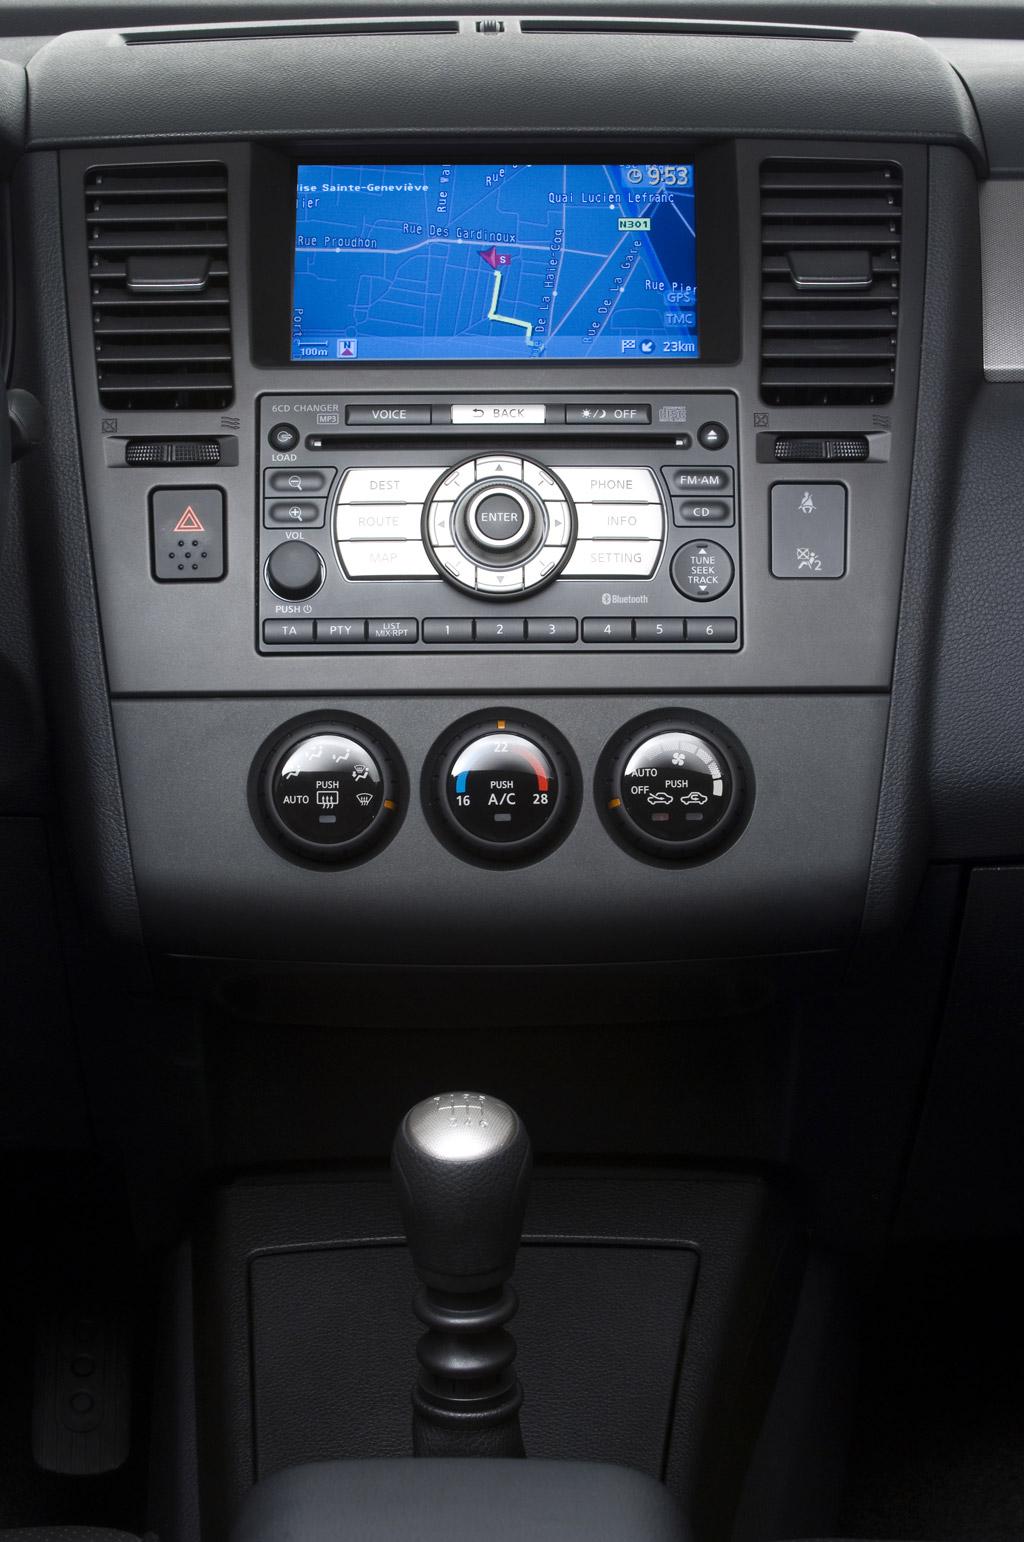 Galería de imágenes y fotos del Nissan Tiida